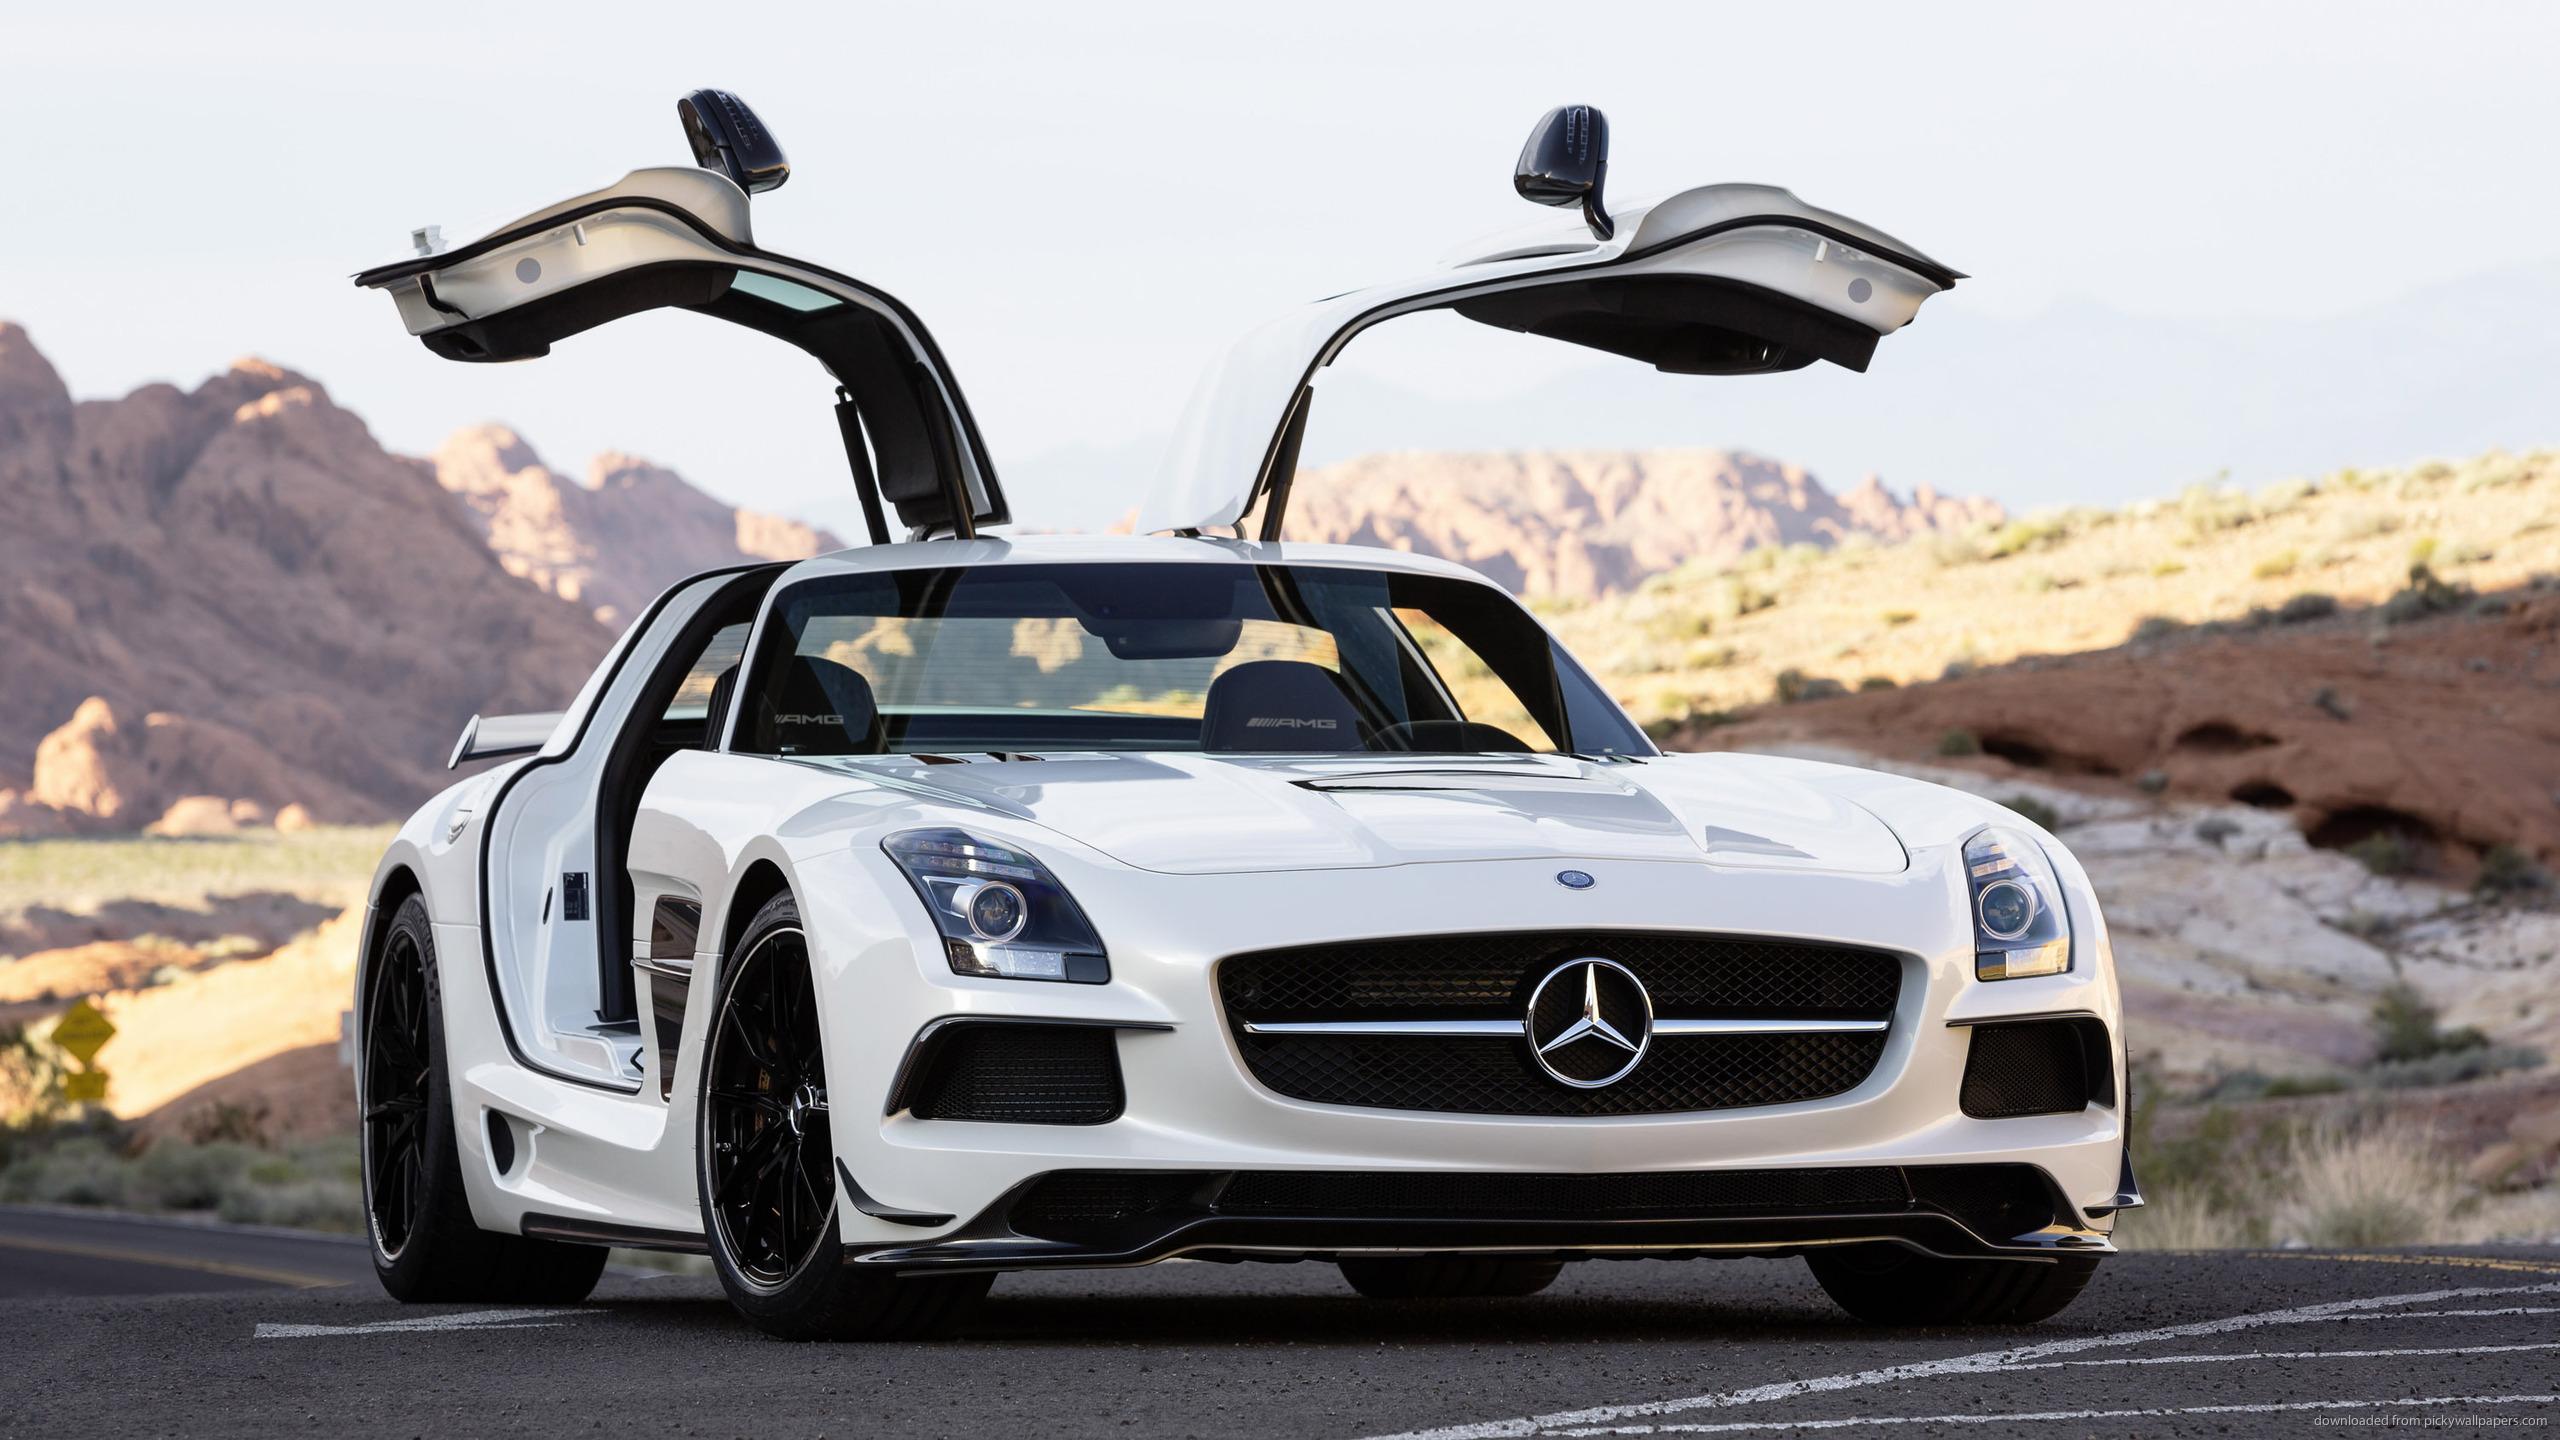 Mercedes Benz Sls Amg Mercedes Benz Fond D Ecran 40275612 Fanpop